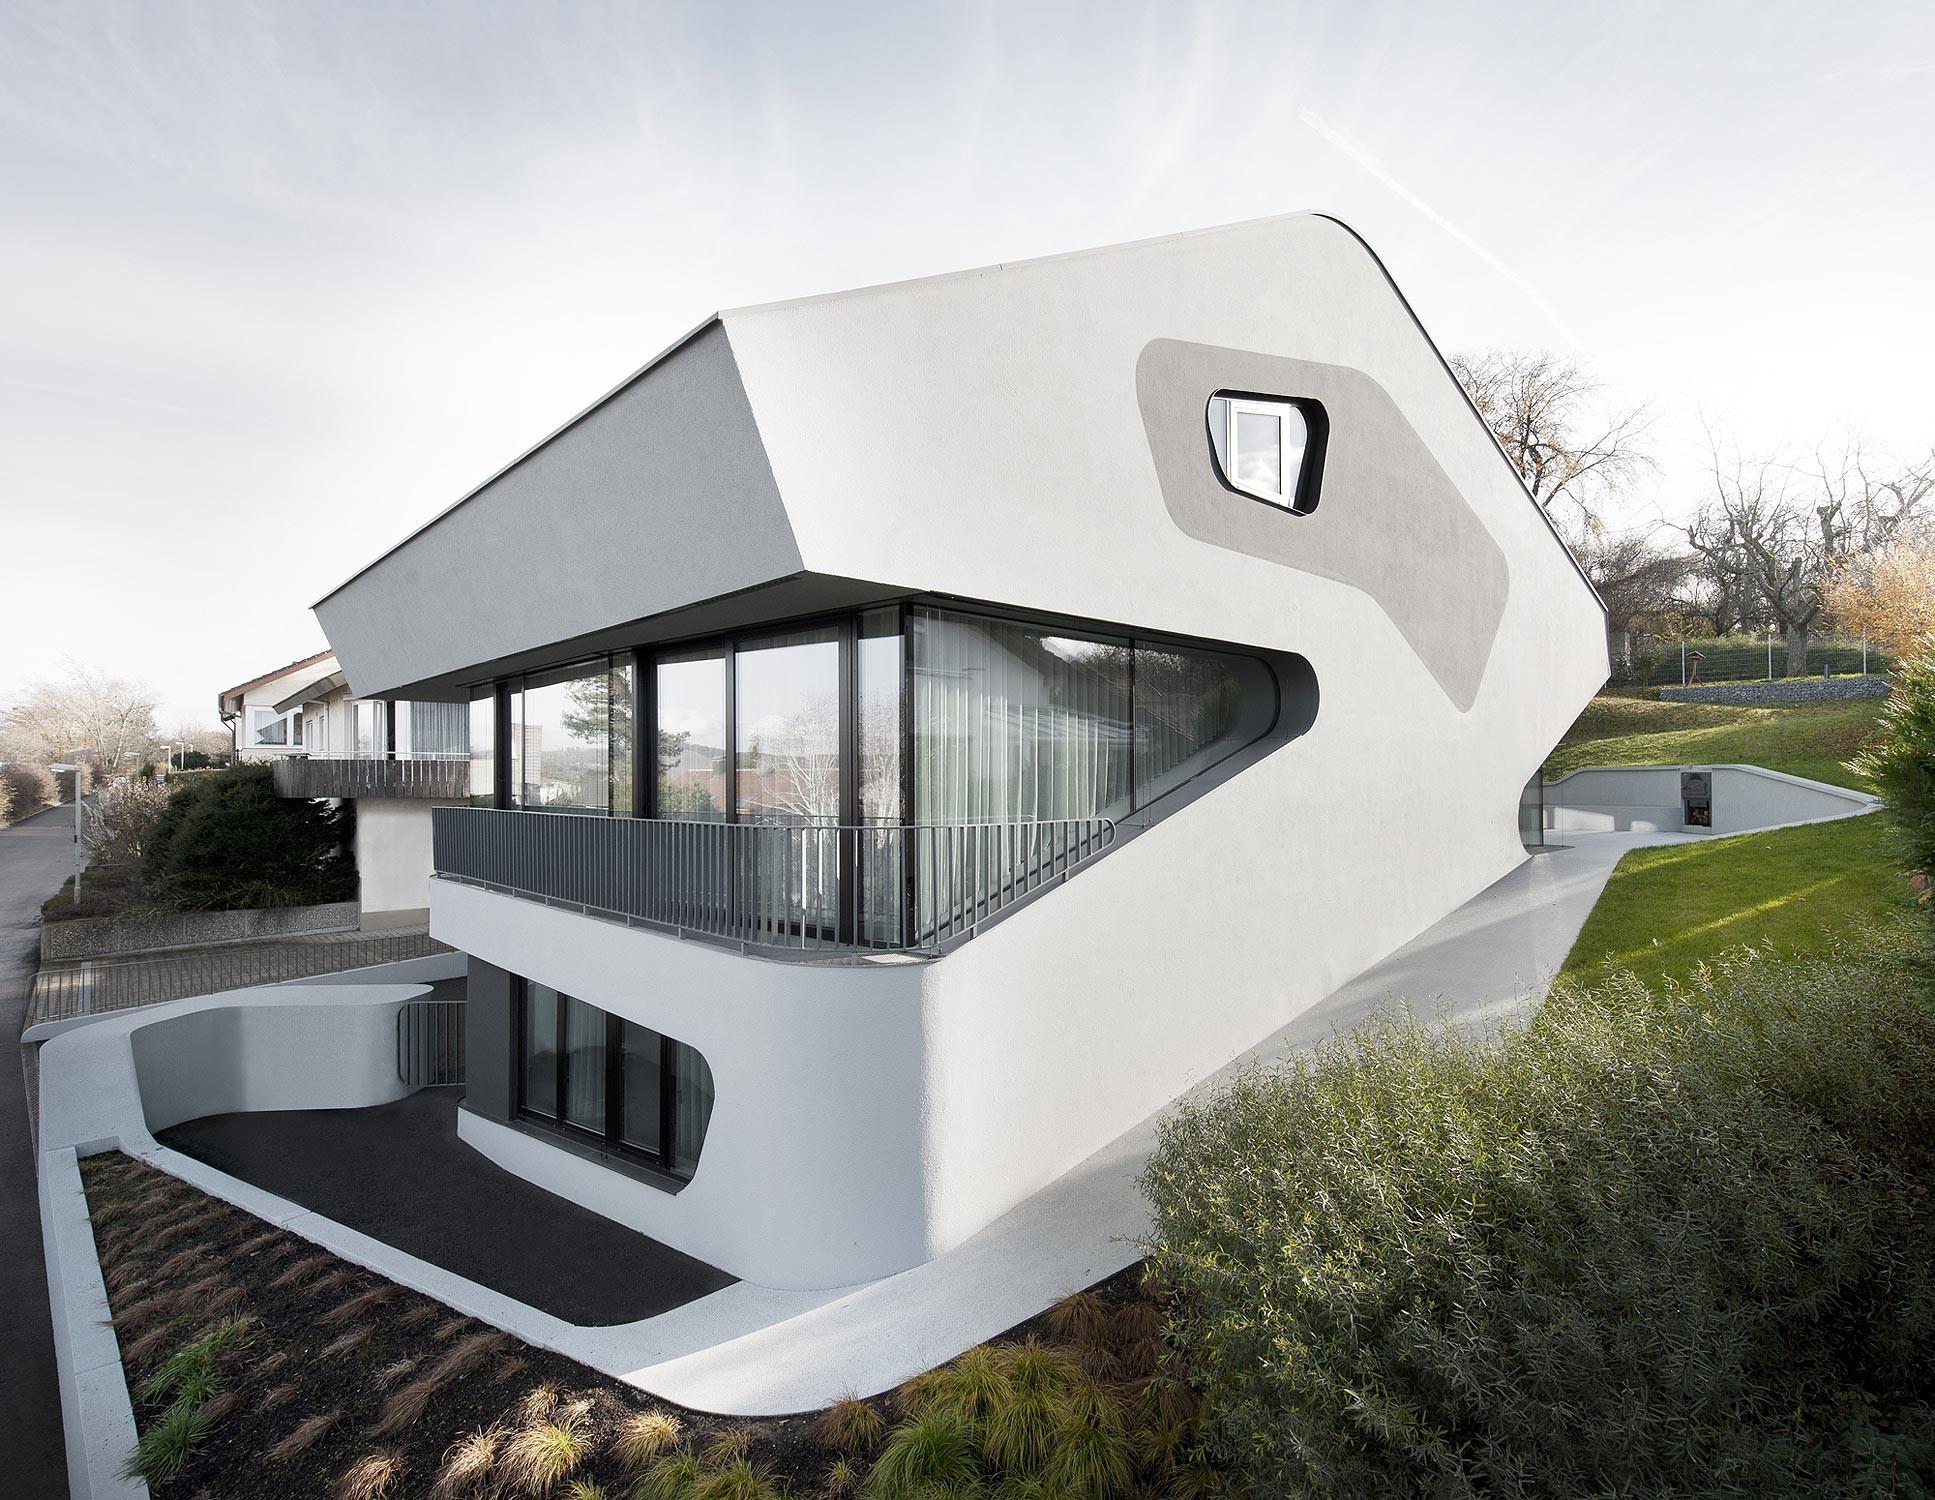 ols house in winnenden heizung wohnen baunetz wissen. Black Bedroom Furniture Sets. Home Design Ideas